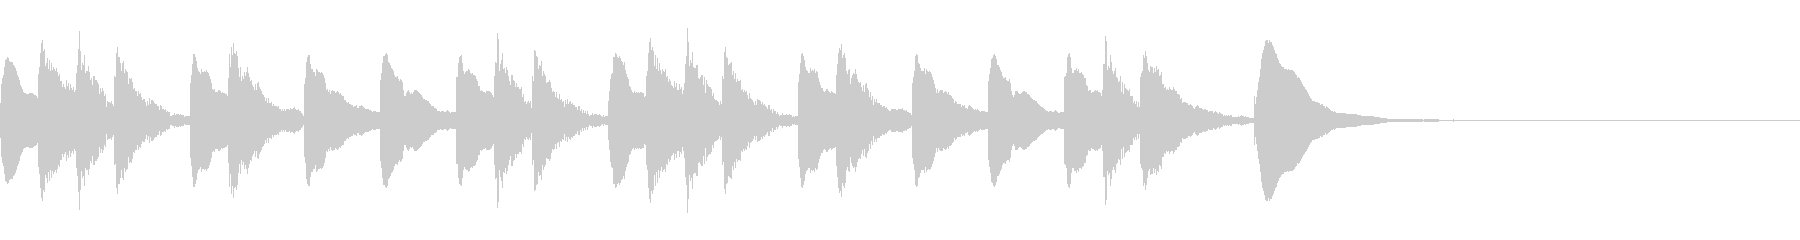 マリンバジングル3 ほのぼのの未再生の波形